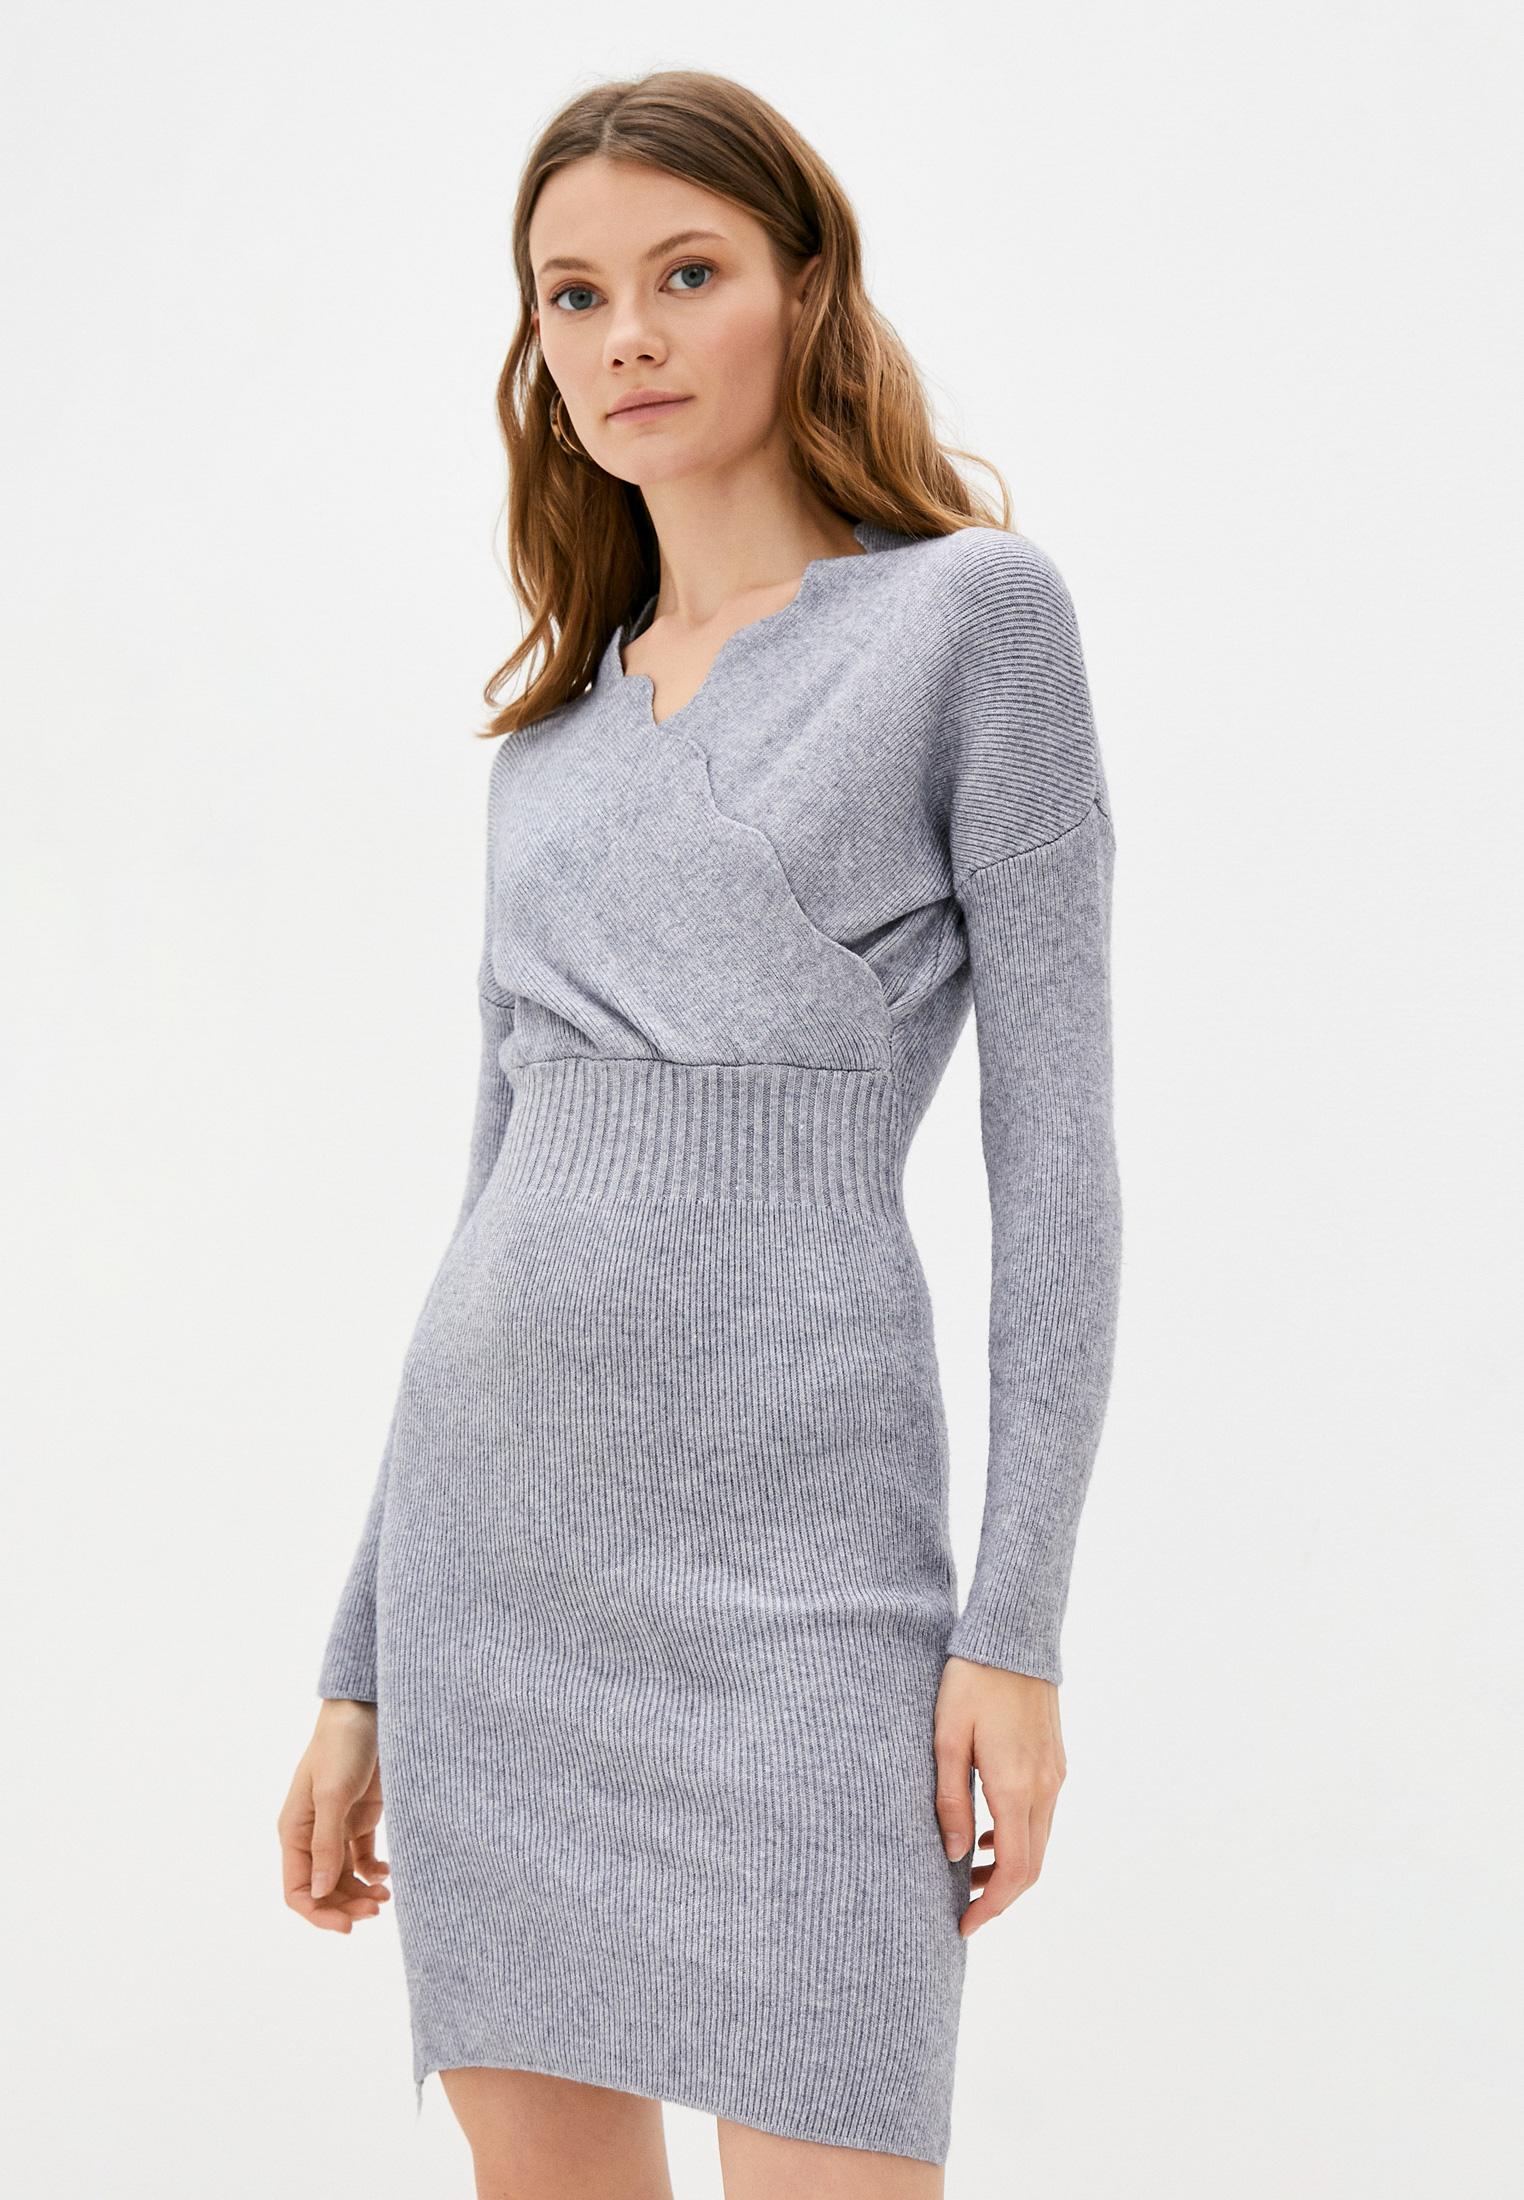 Вязаное платье Dunia DUF21-16-3